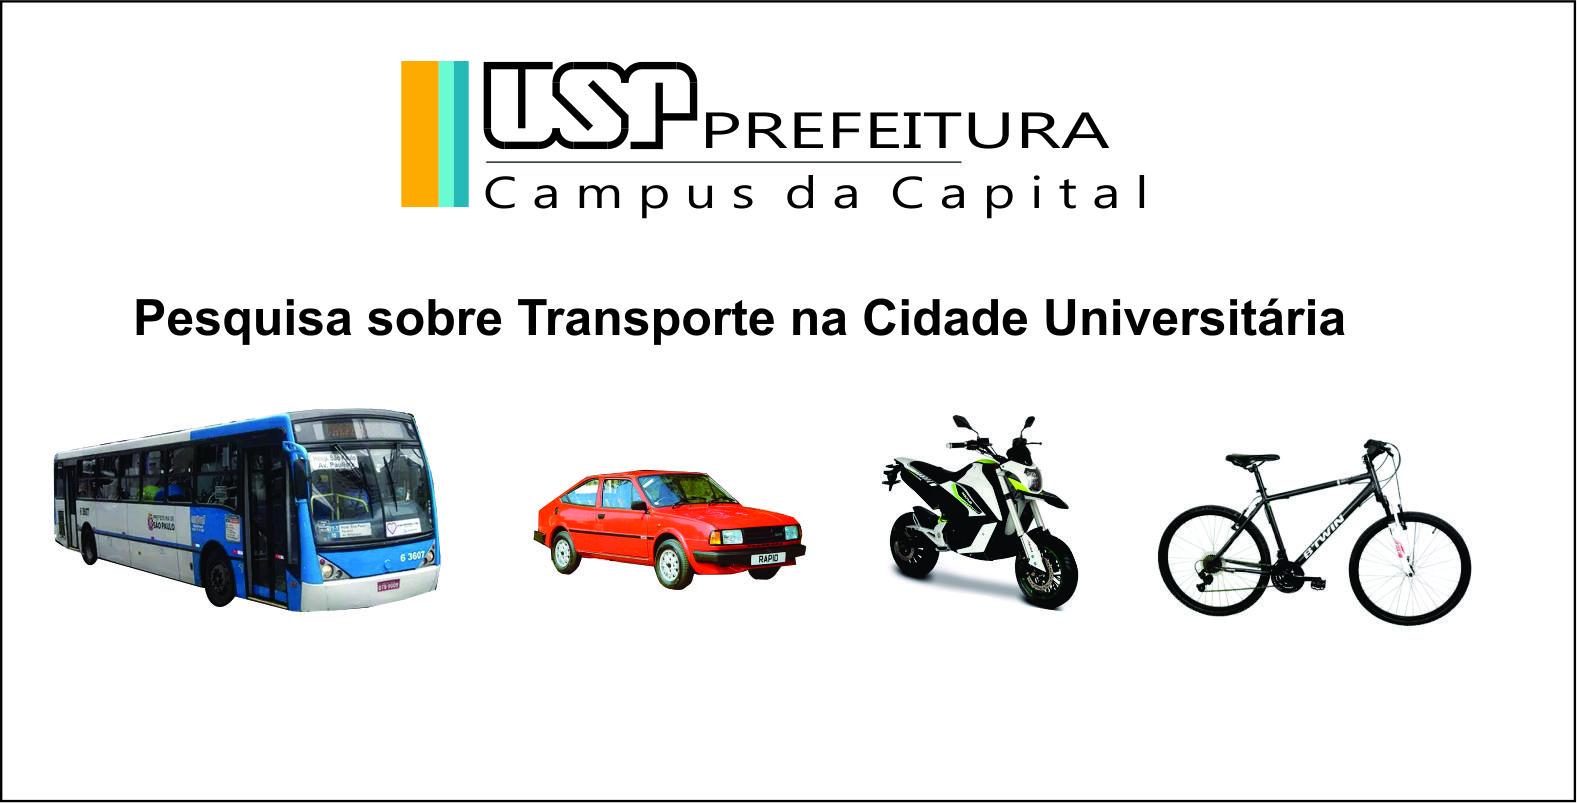 http://www.puspc.usp.br/2018/10/01/pesquisa-sobre-transporte-na-cidade-universitaria-2018/